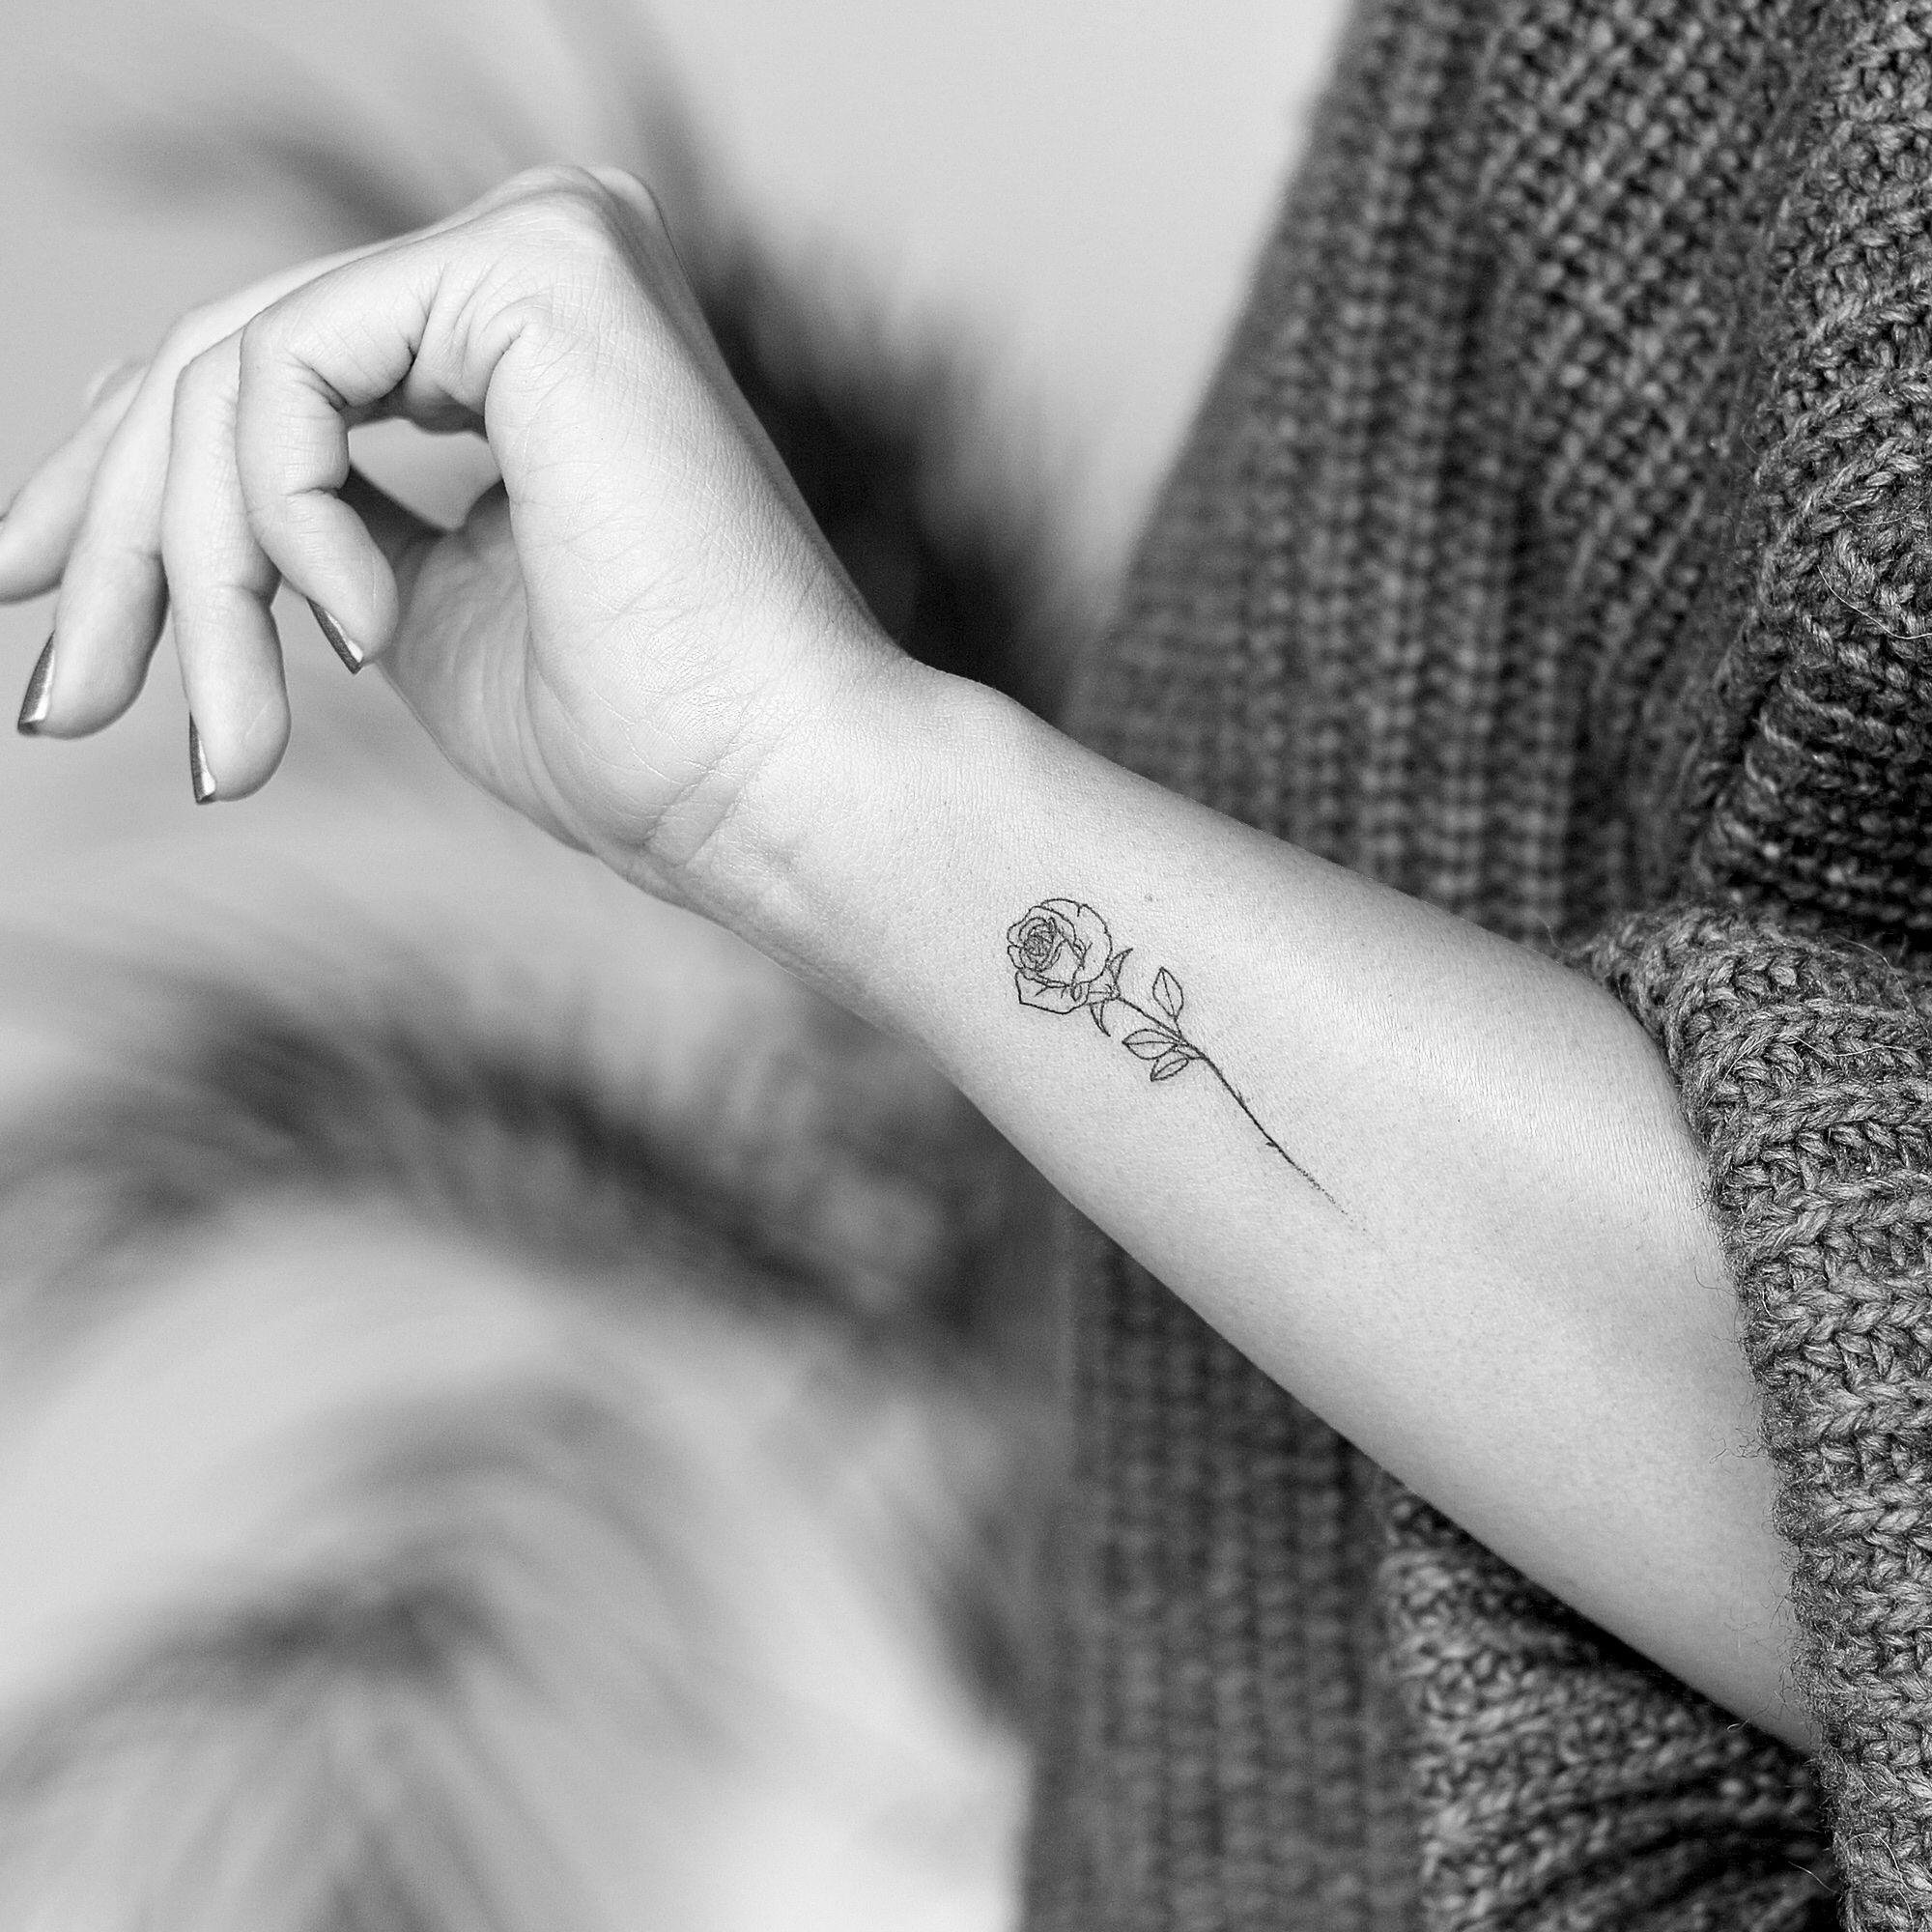 Pin Von Anna Dutkowiak Auf Inspirujace Minimalistisches Tattoo Rose Tattoo Ideen Zartes Tattoo